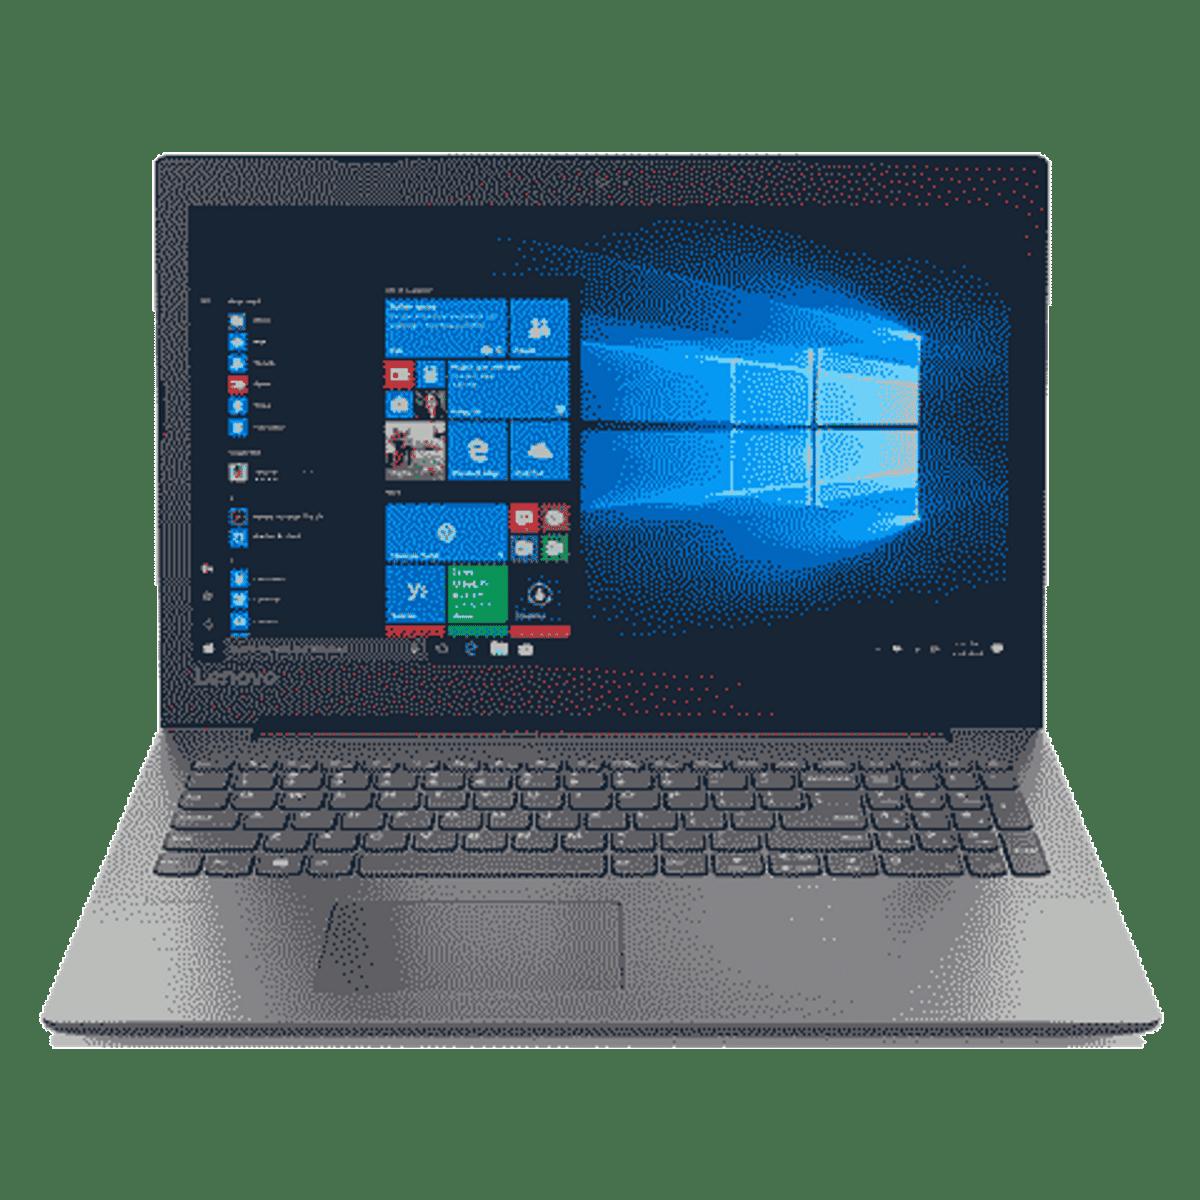 Best Laptop for Programming Lenovo